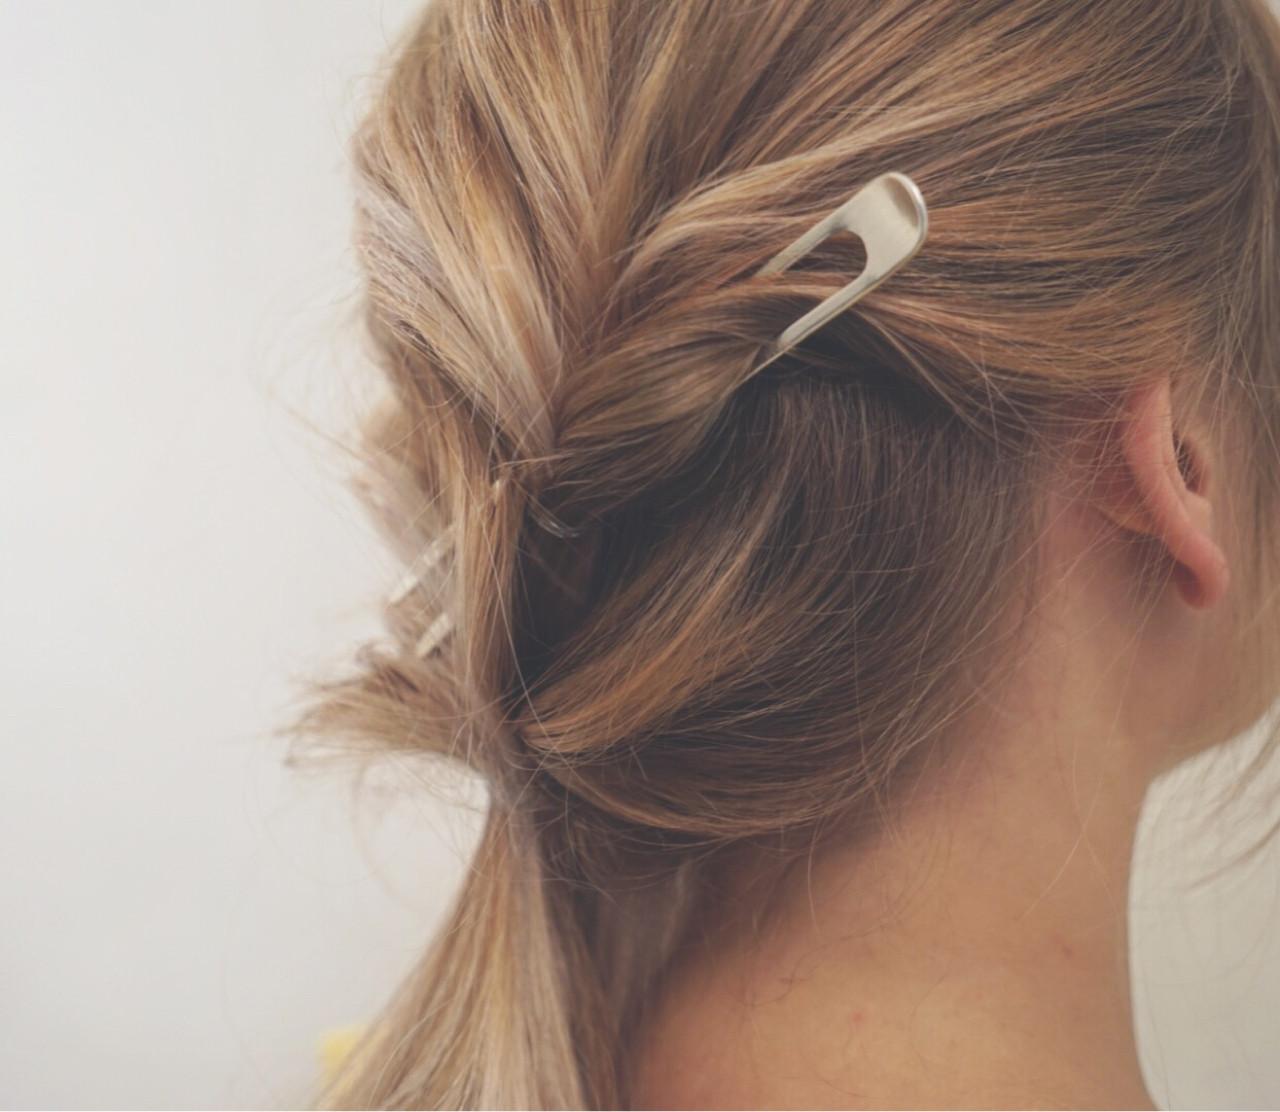 ヘアアレンジ 涼しげ 色気 フェミニン ヘアスタイルや髪型の写真・画像 | ケンタロー / Nicole.